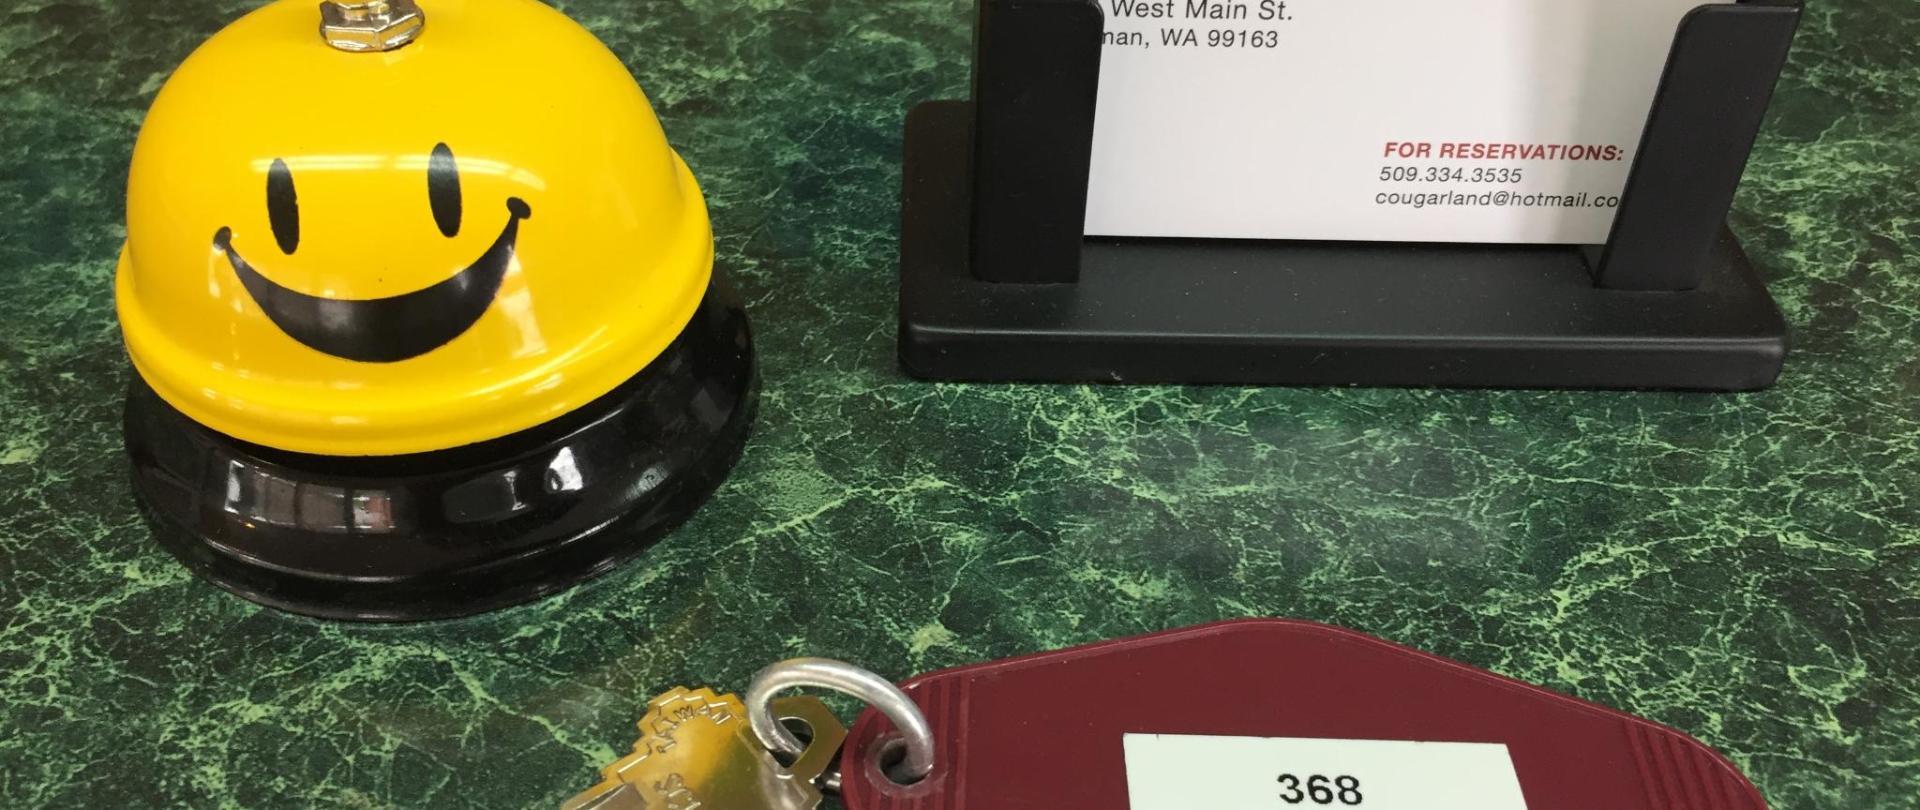 front desk bell.JPG